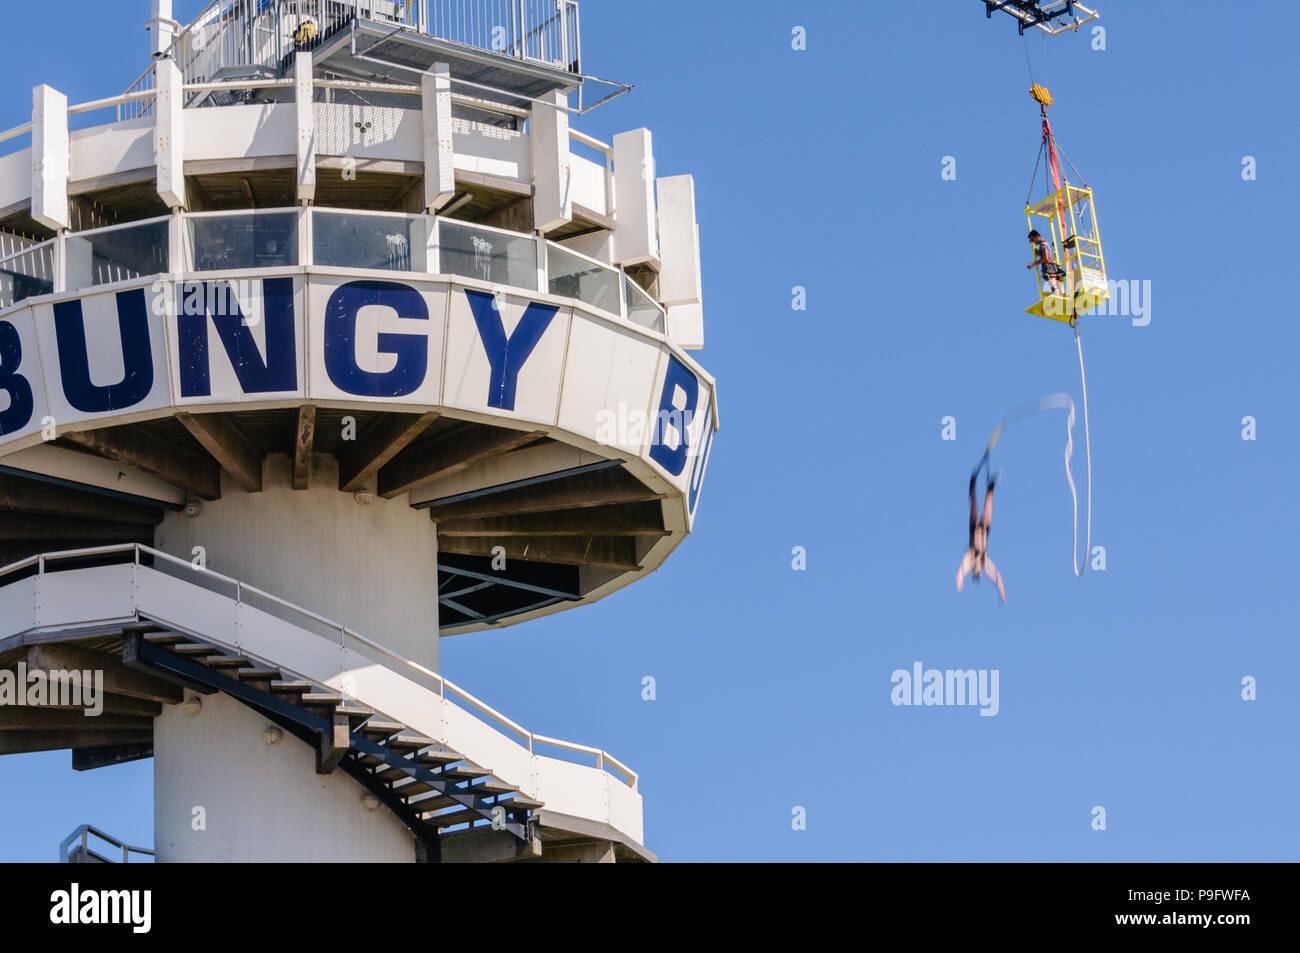 Bungy jumping at Schevinengen Pier, The Hague, Netherlands Stock Photo